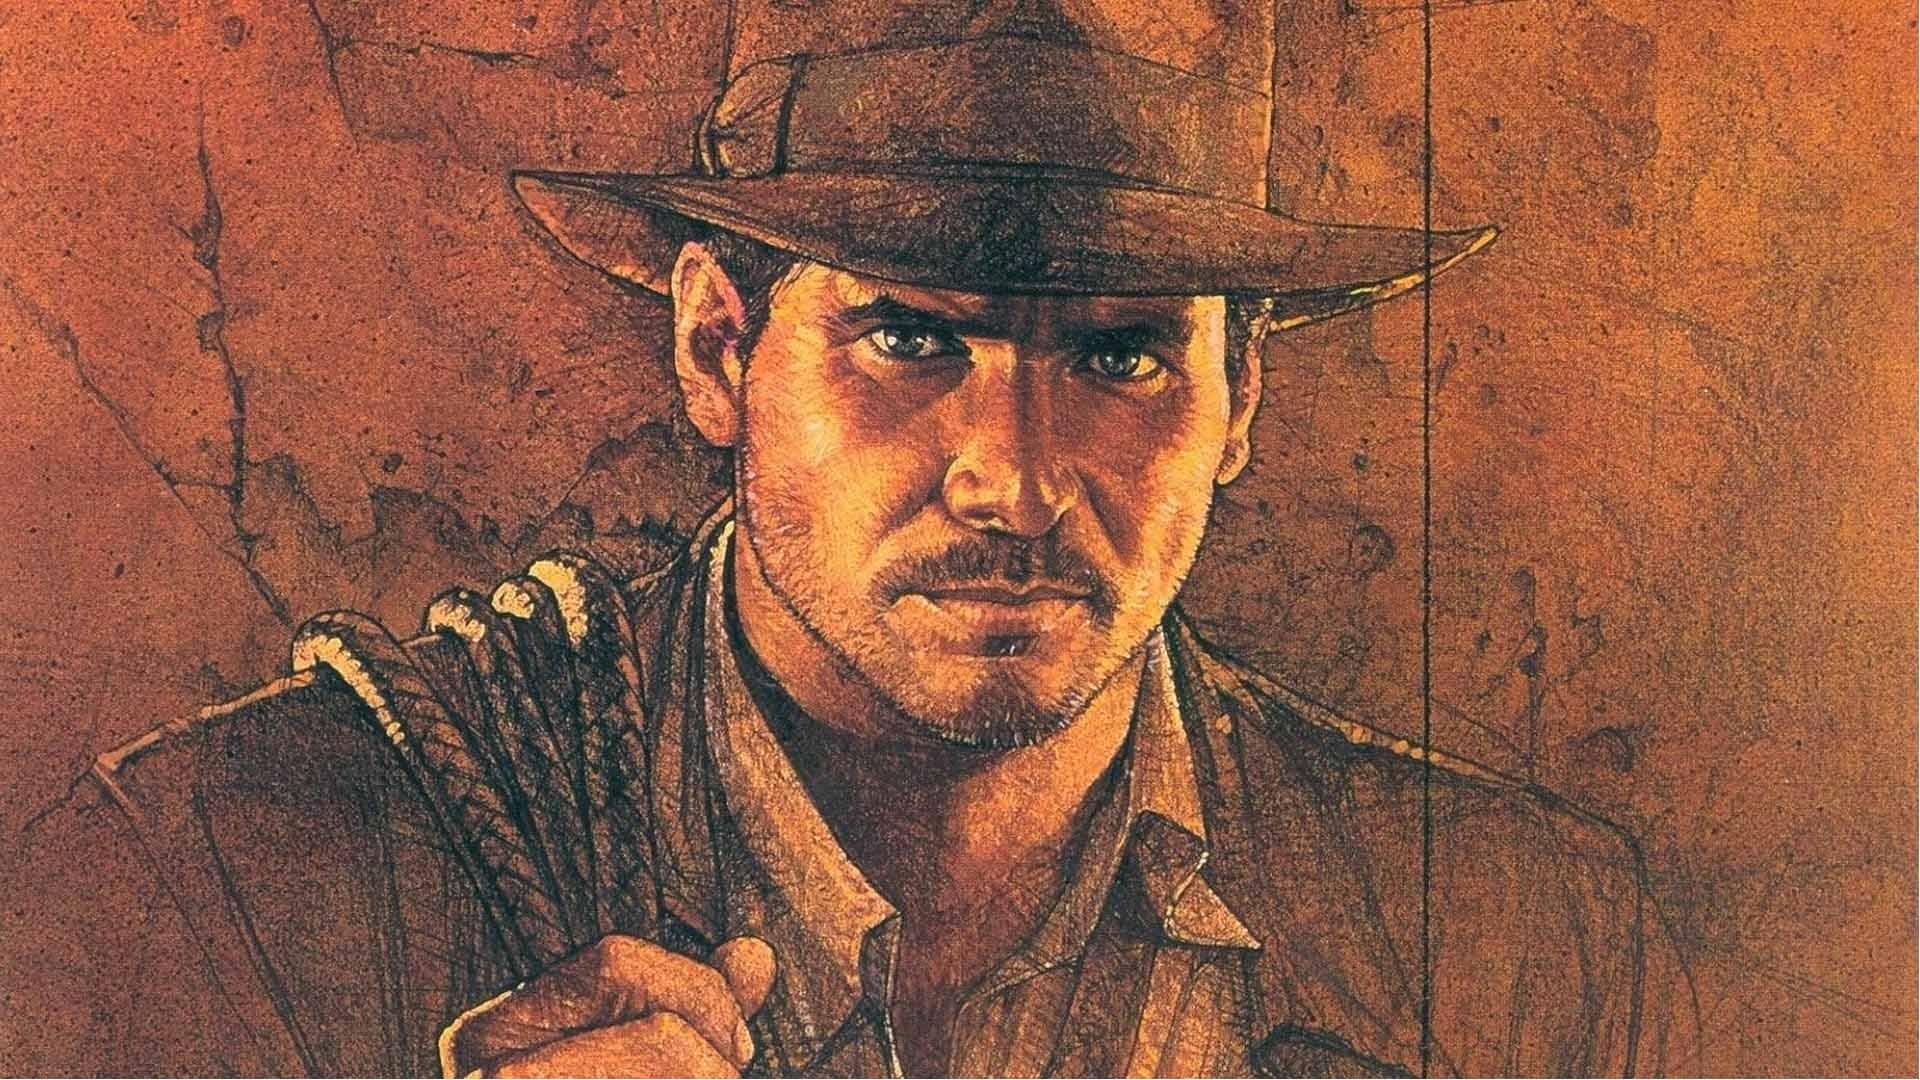 El filme protagonizado por Harrison Ford volverá a la gran pantalla de la mano de la empresa creadora de Star Wars